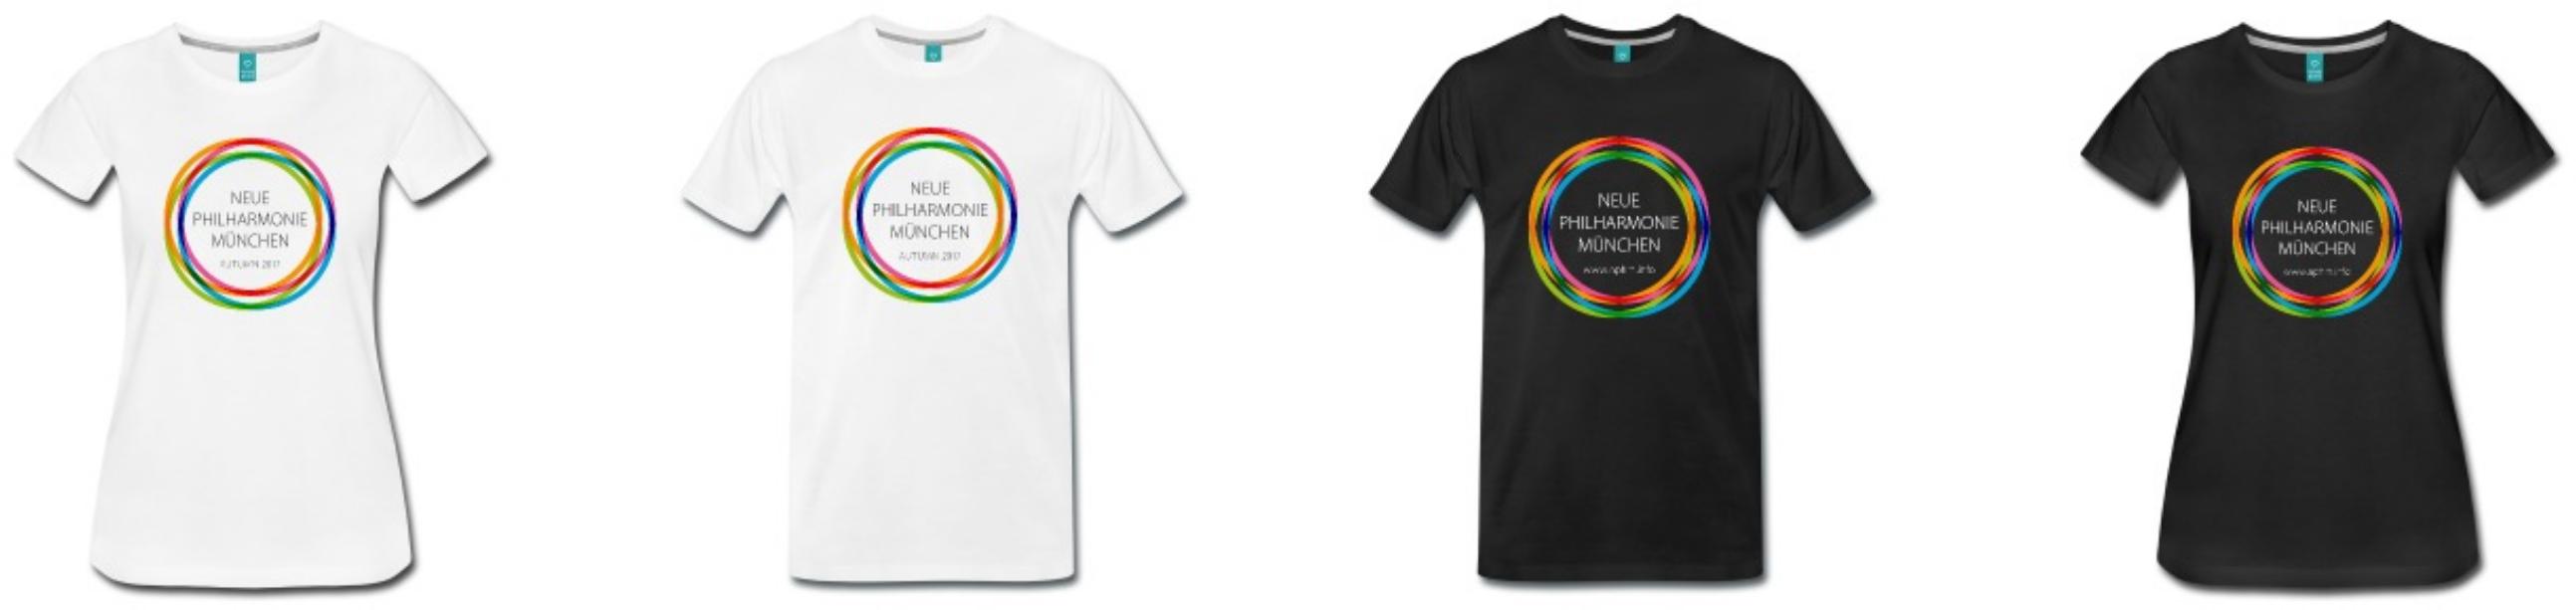 T-Shirts / Neue Philharmonie München